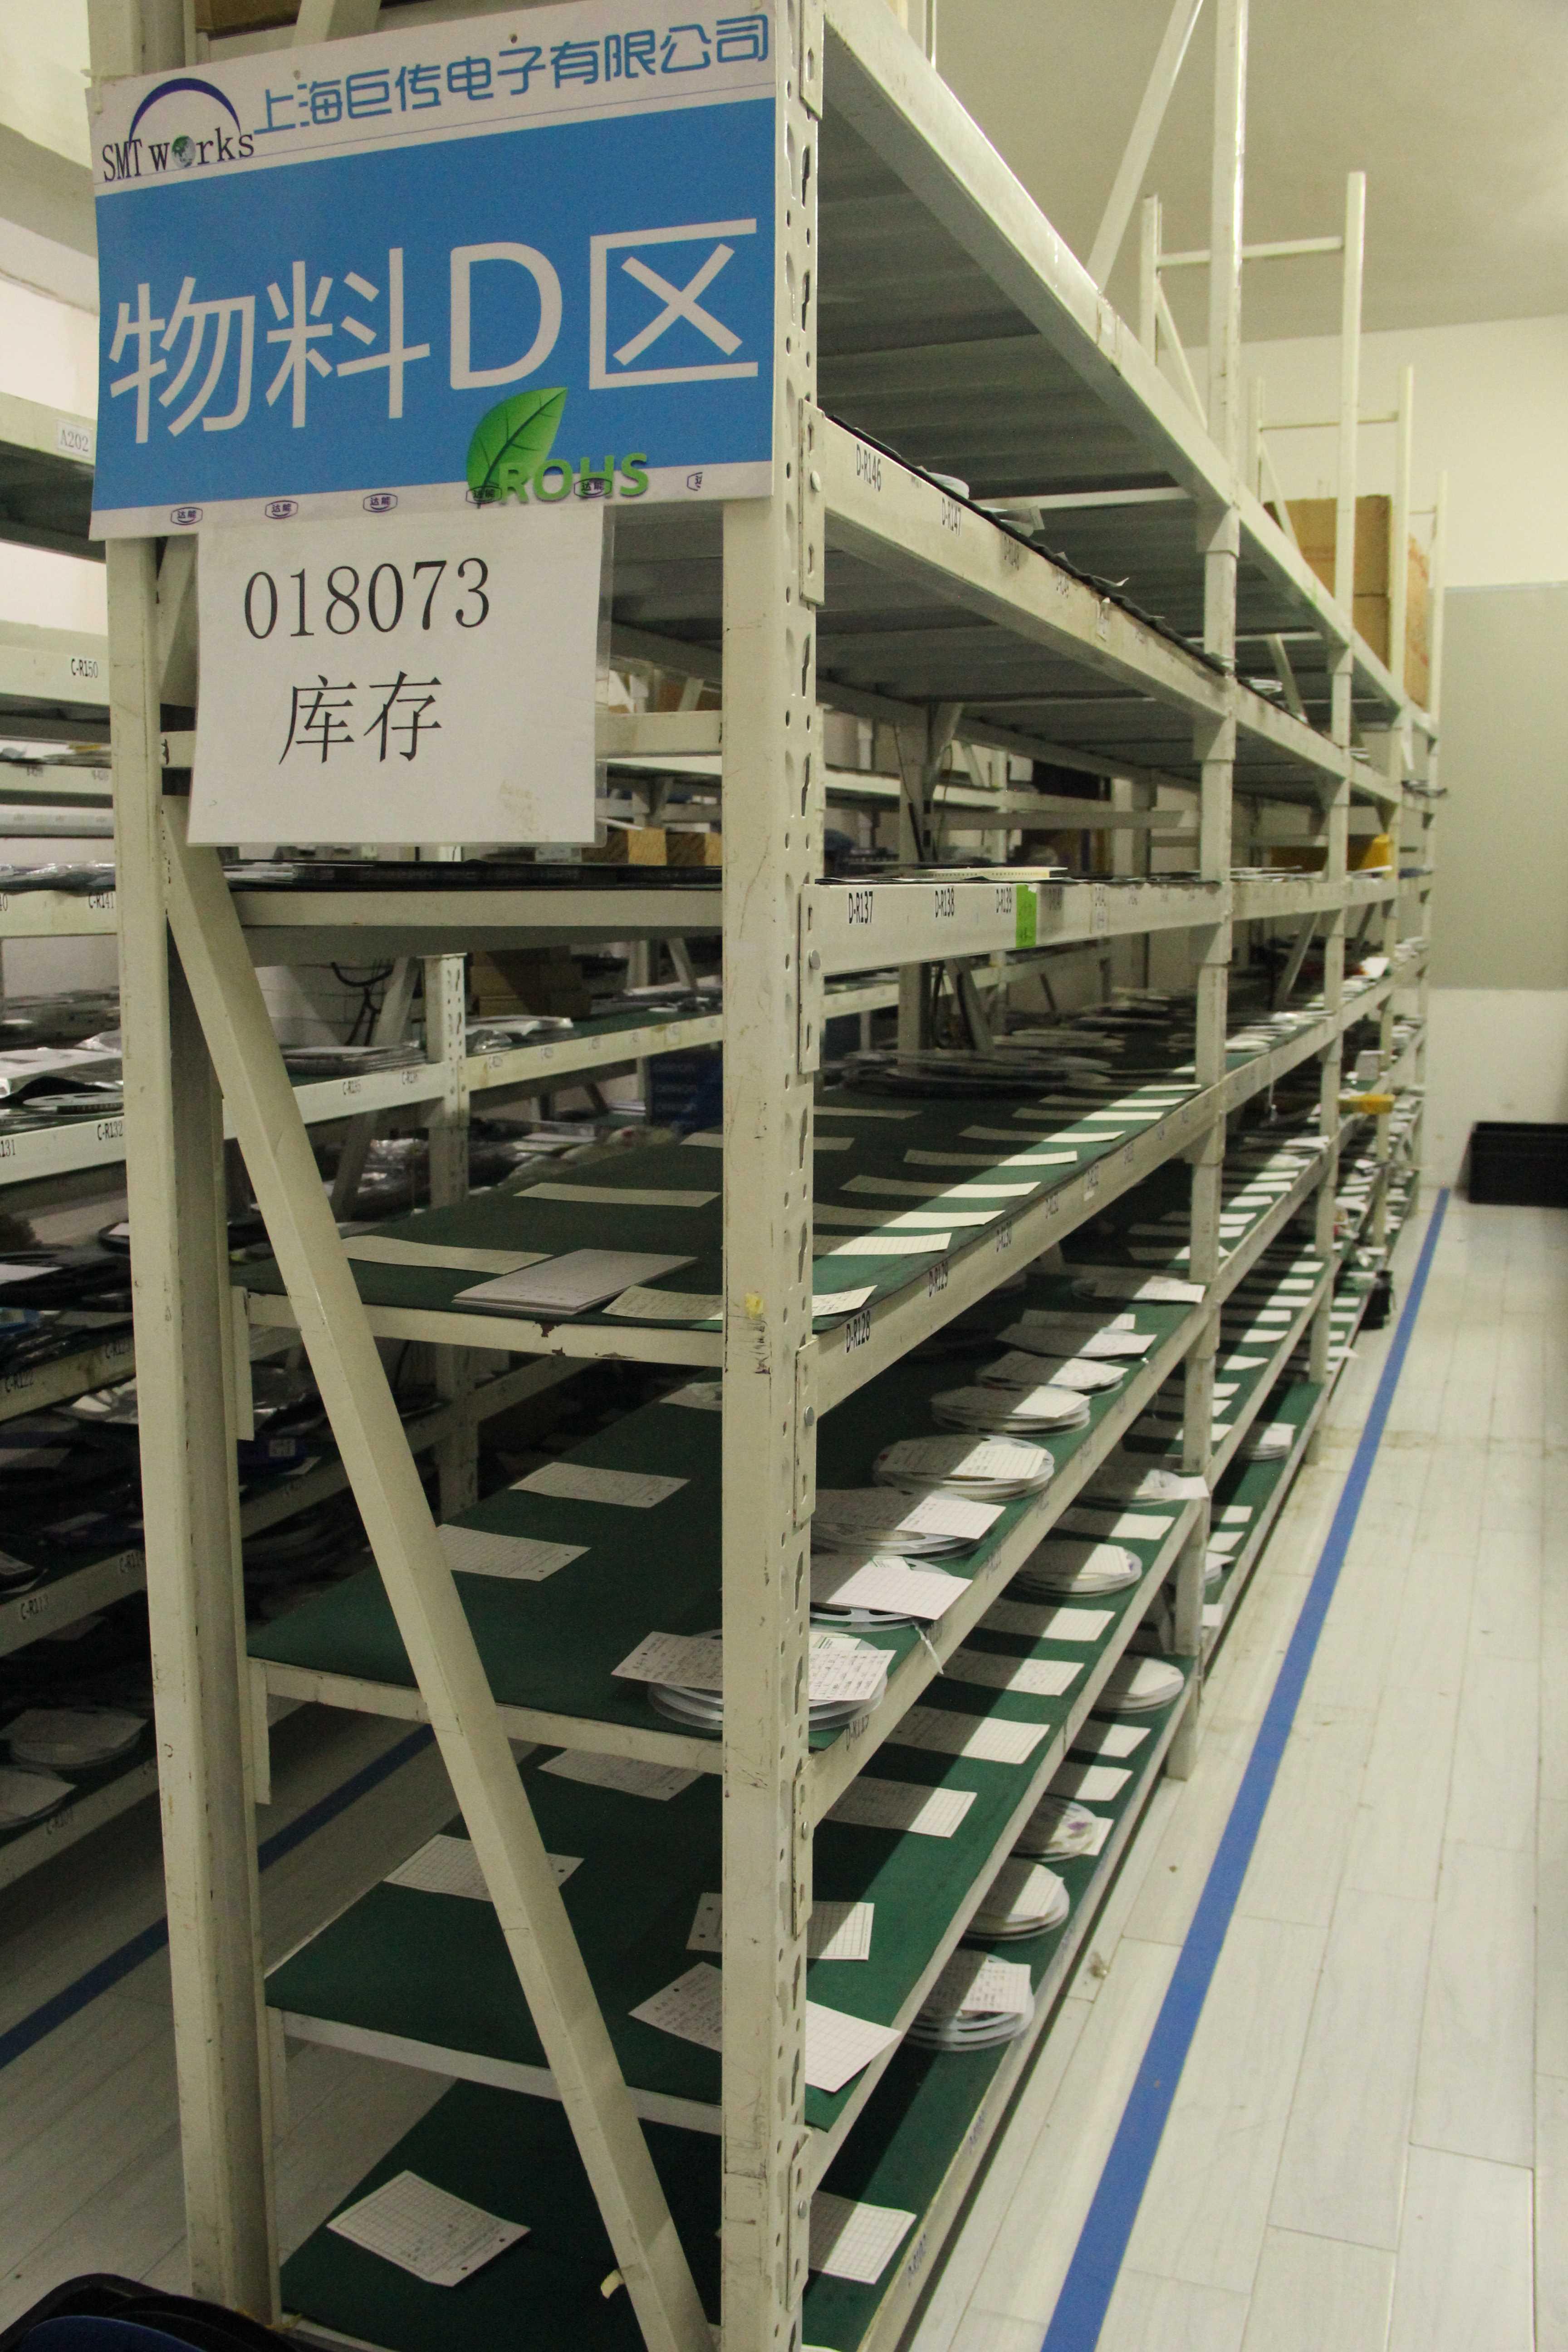 上海巨傳電子阻容倉庫路2